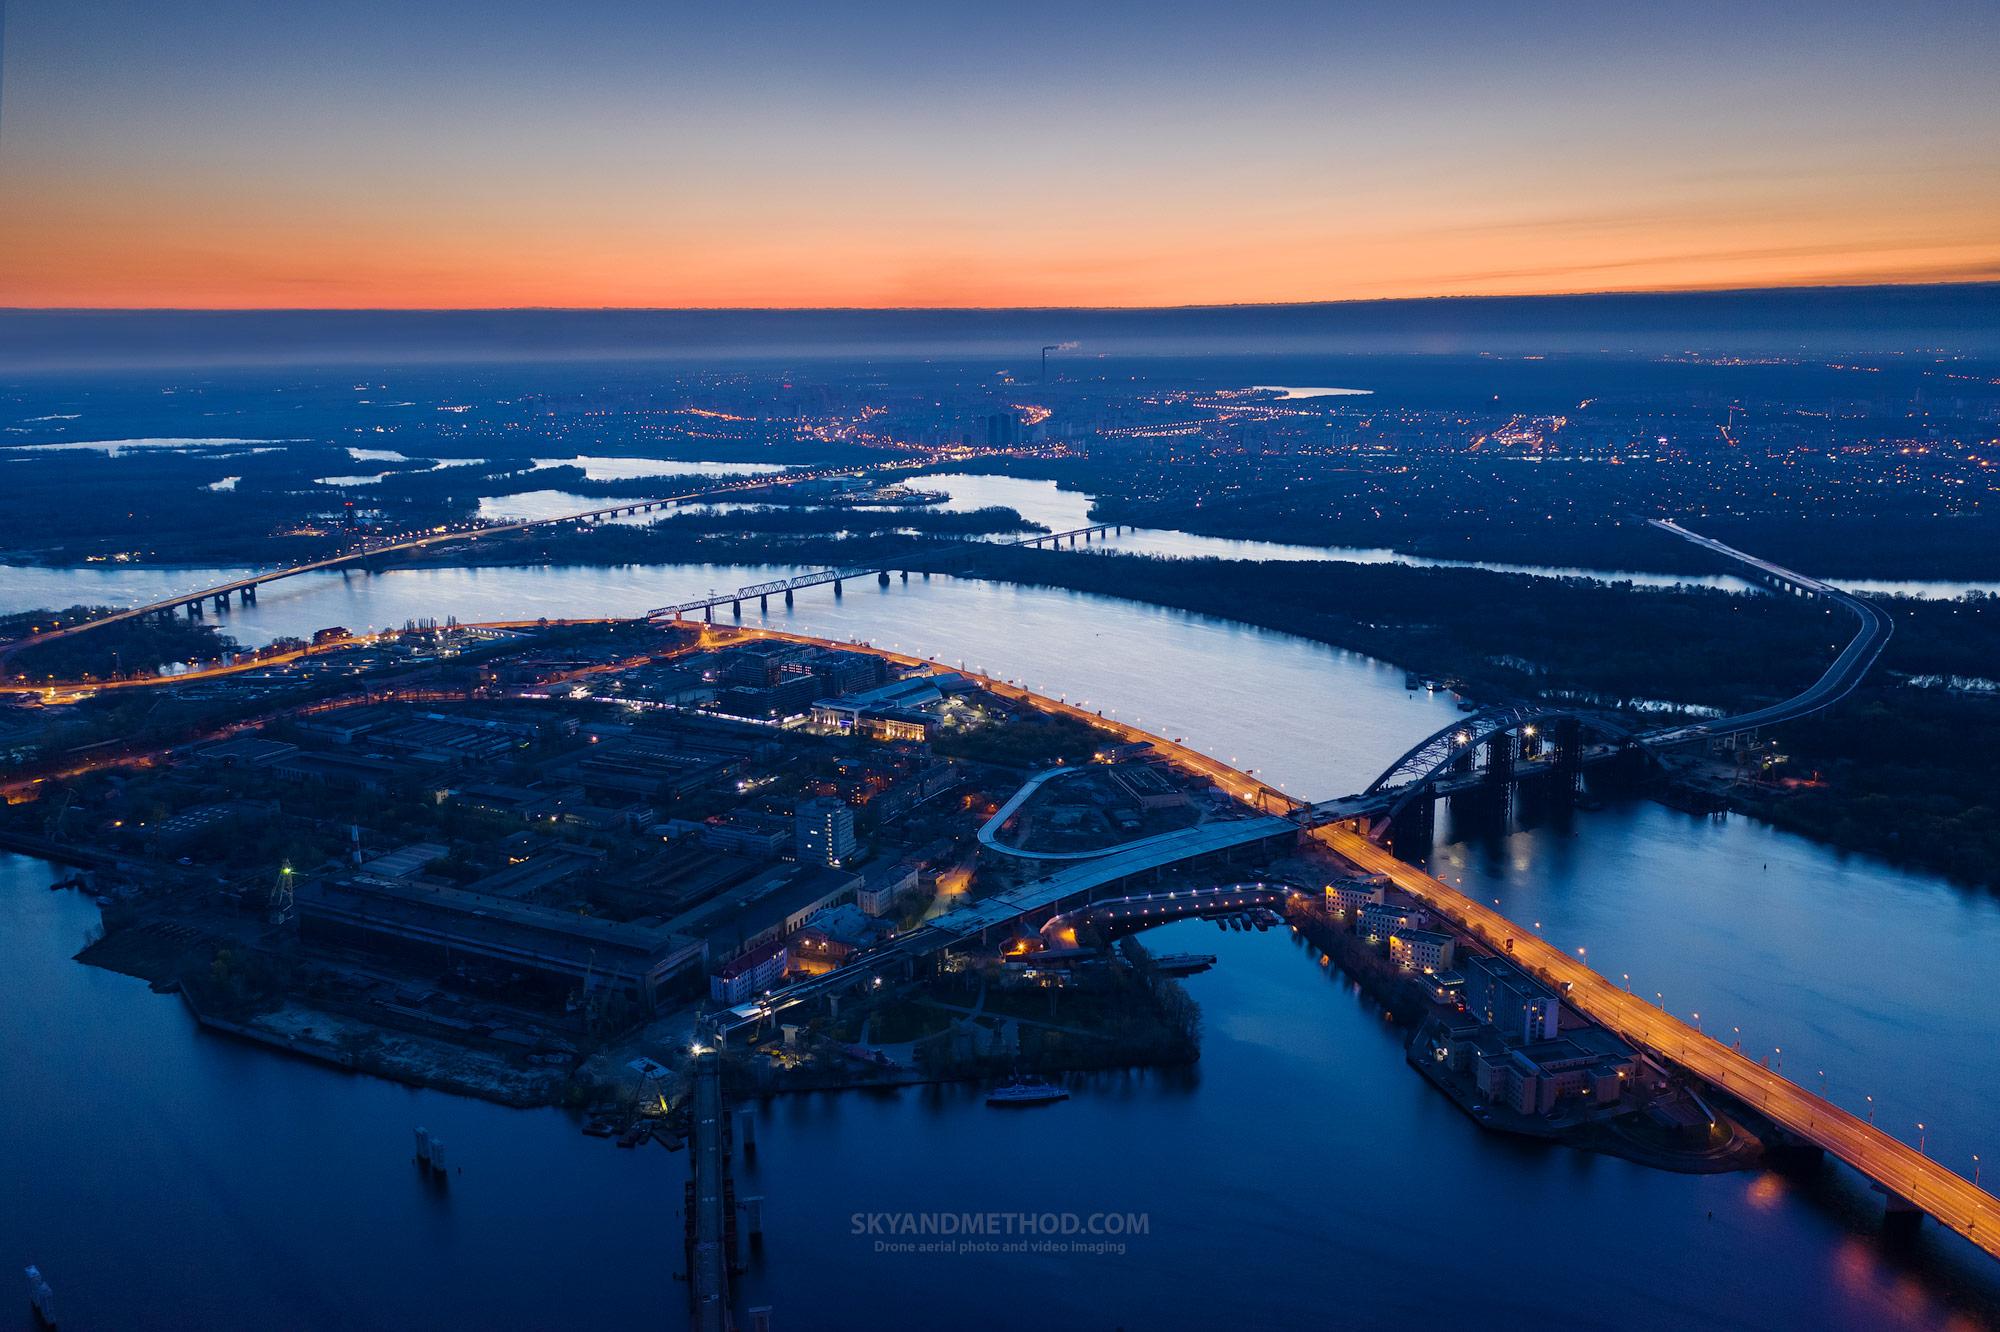 Ночной Киев с высоты. Рыбальский полуостров на рассвете